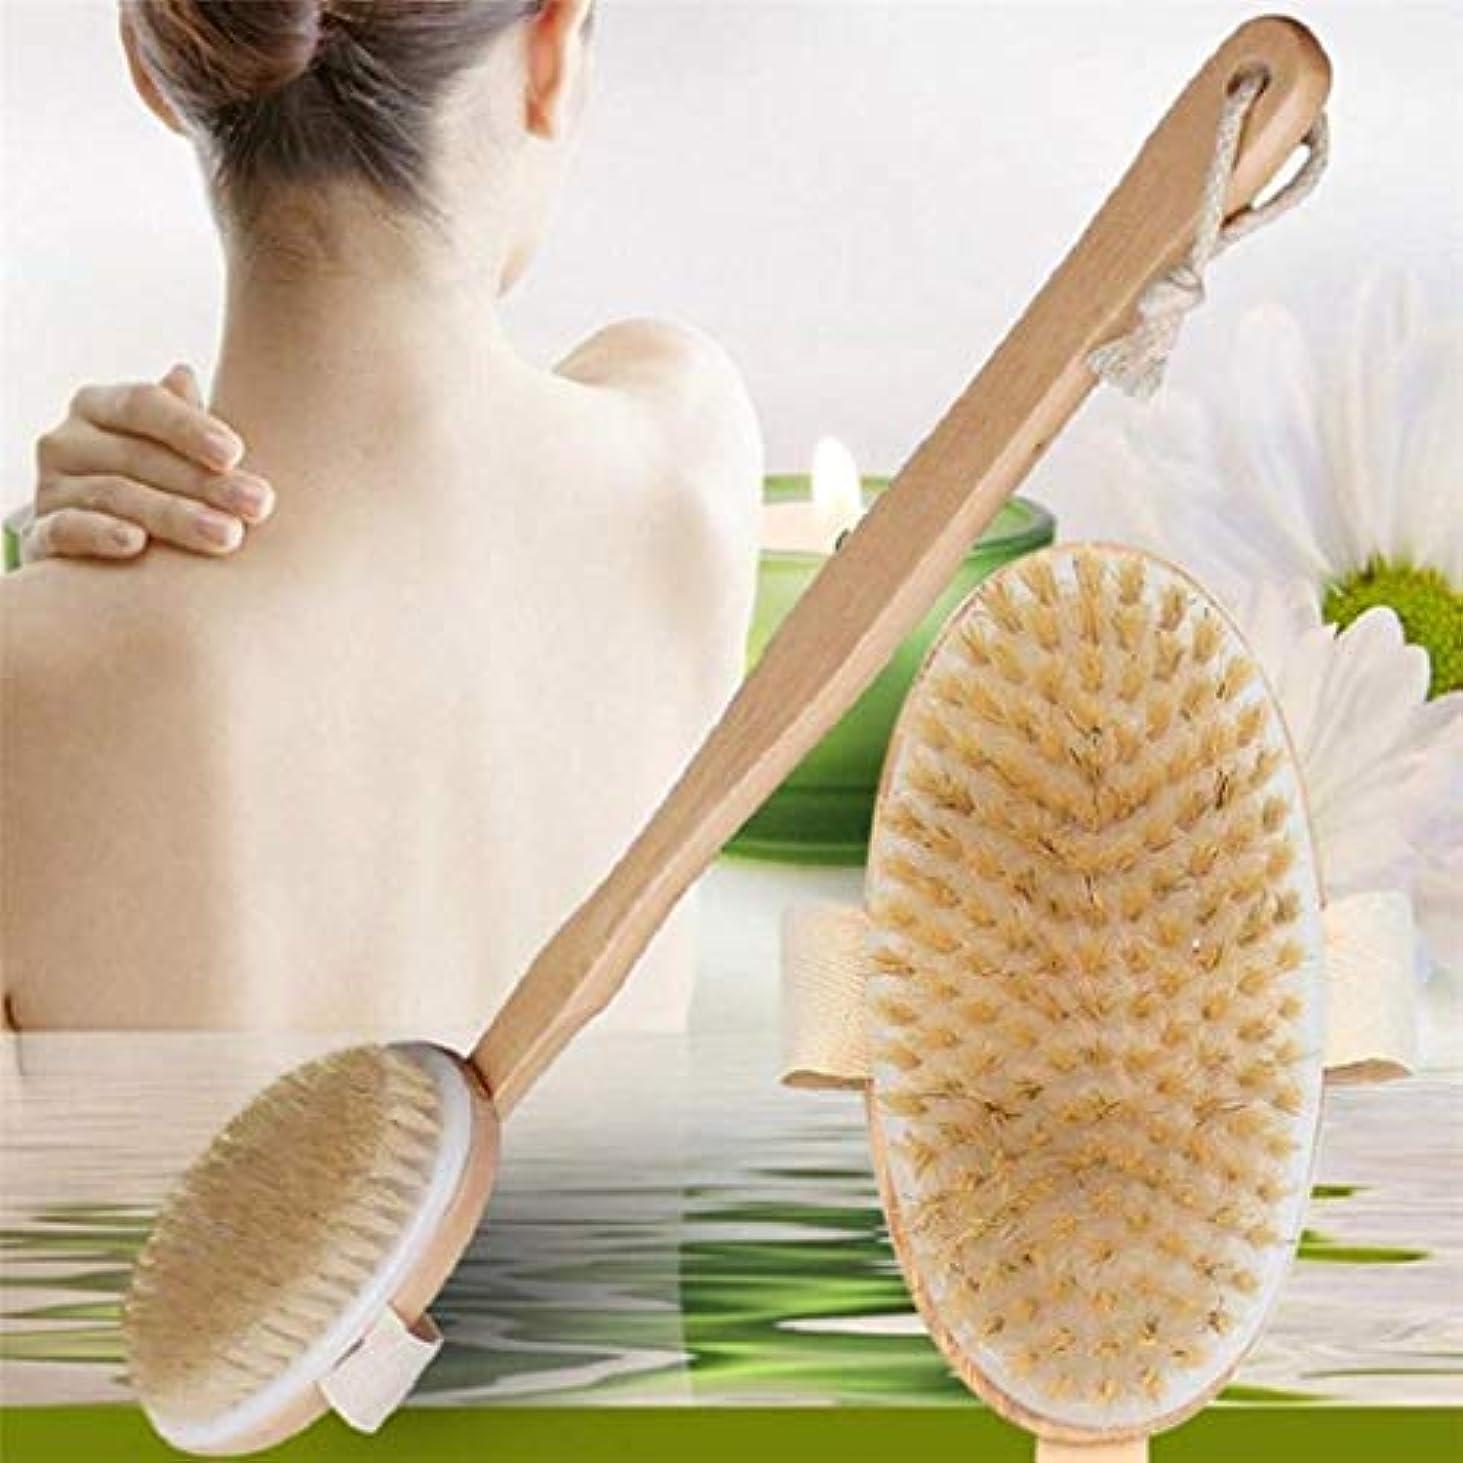 バスブラシ、木製の長いハンドルの角質除去/角質除去/詰まった毛穴の開き/血液循環の改善クリーニングブラシ42.2X6.2cm